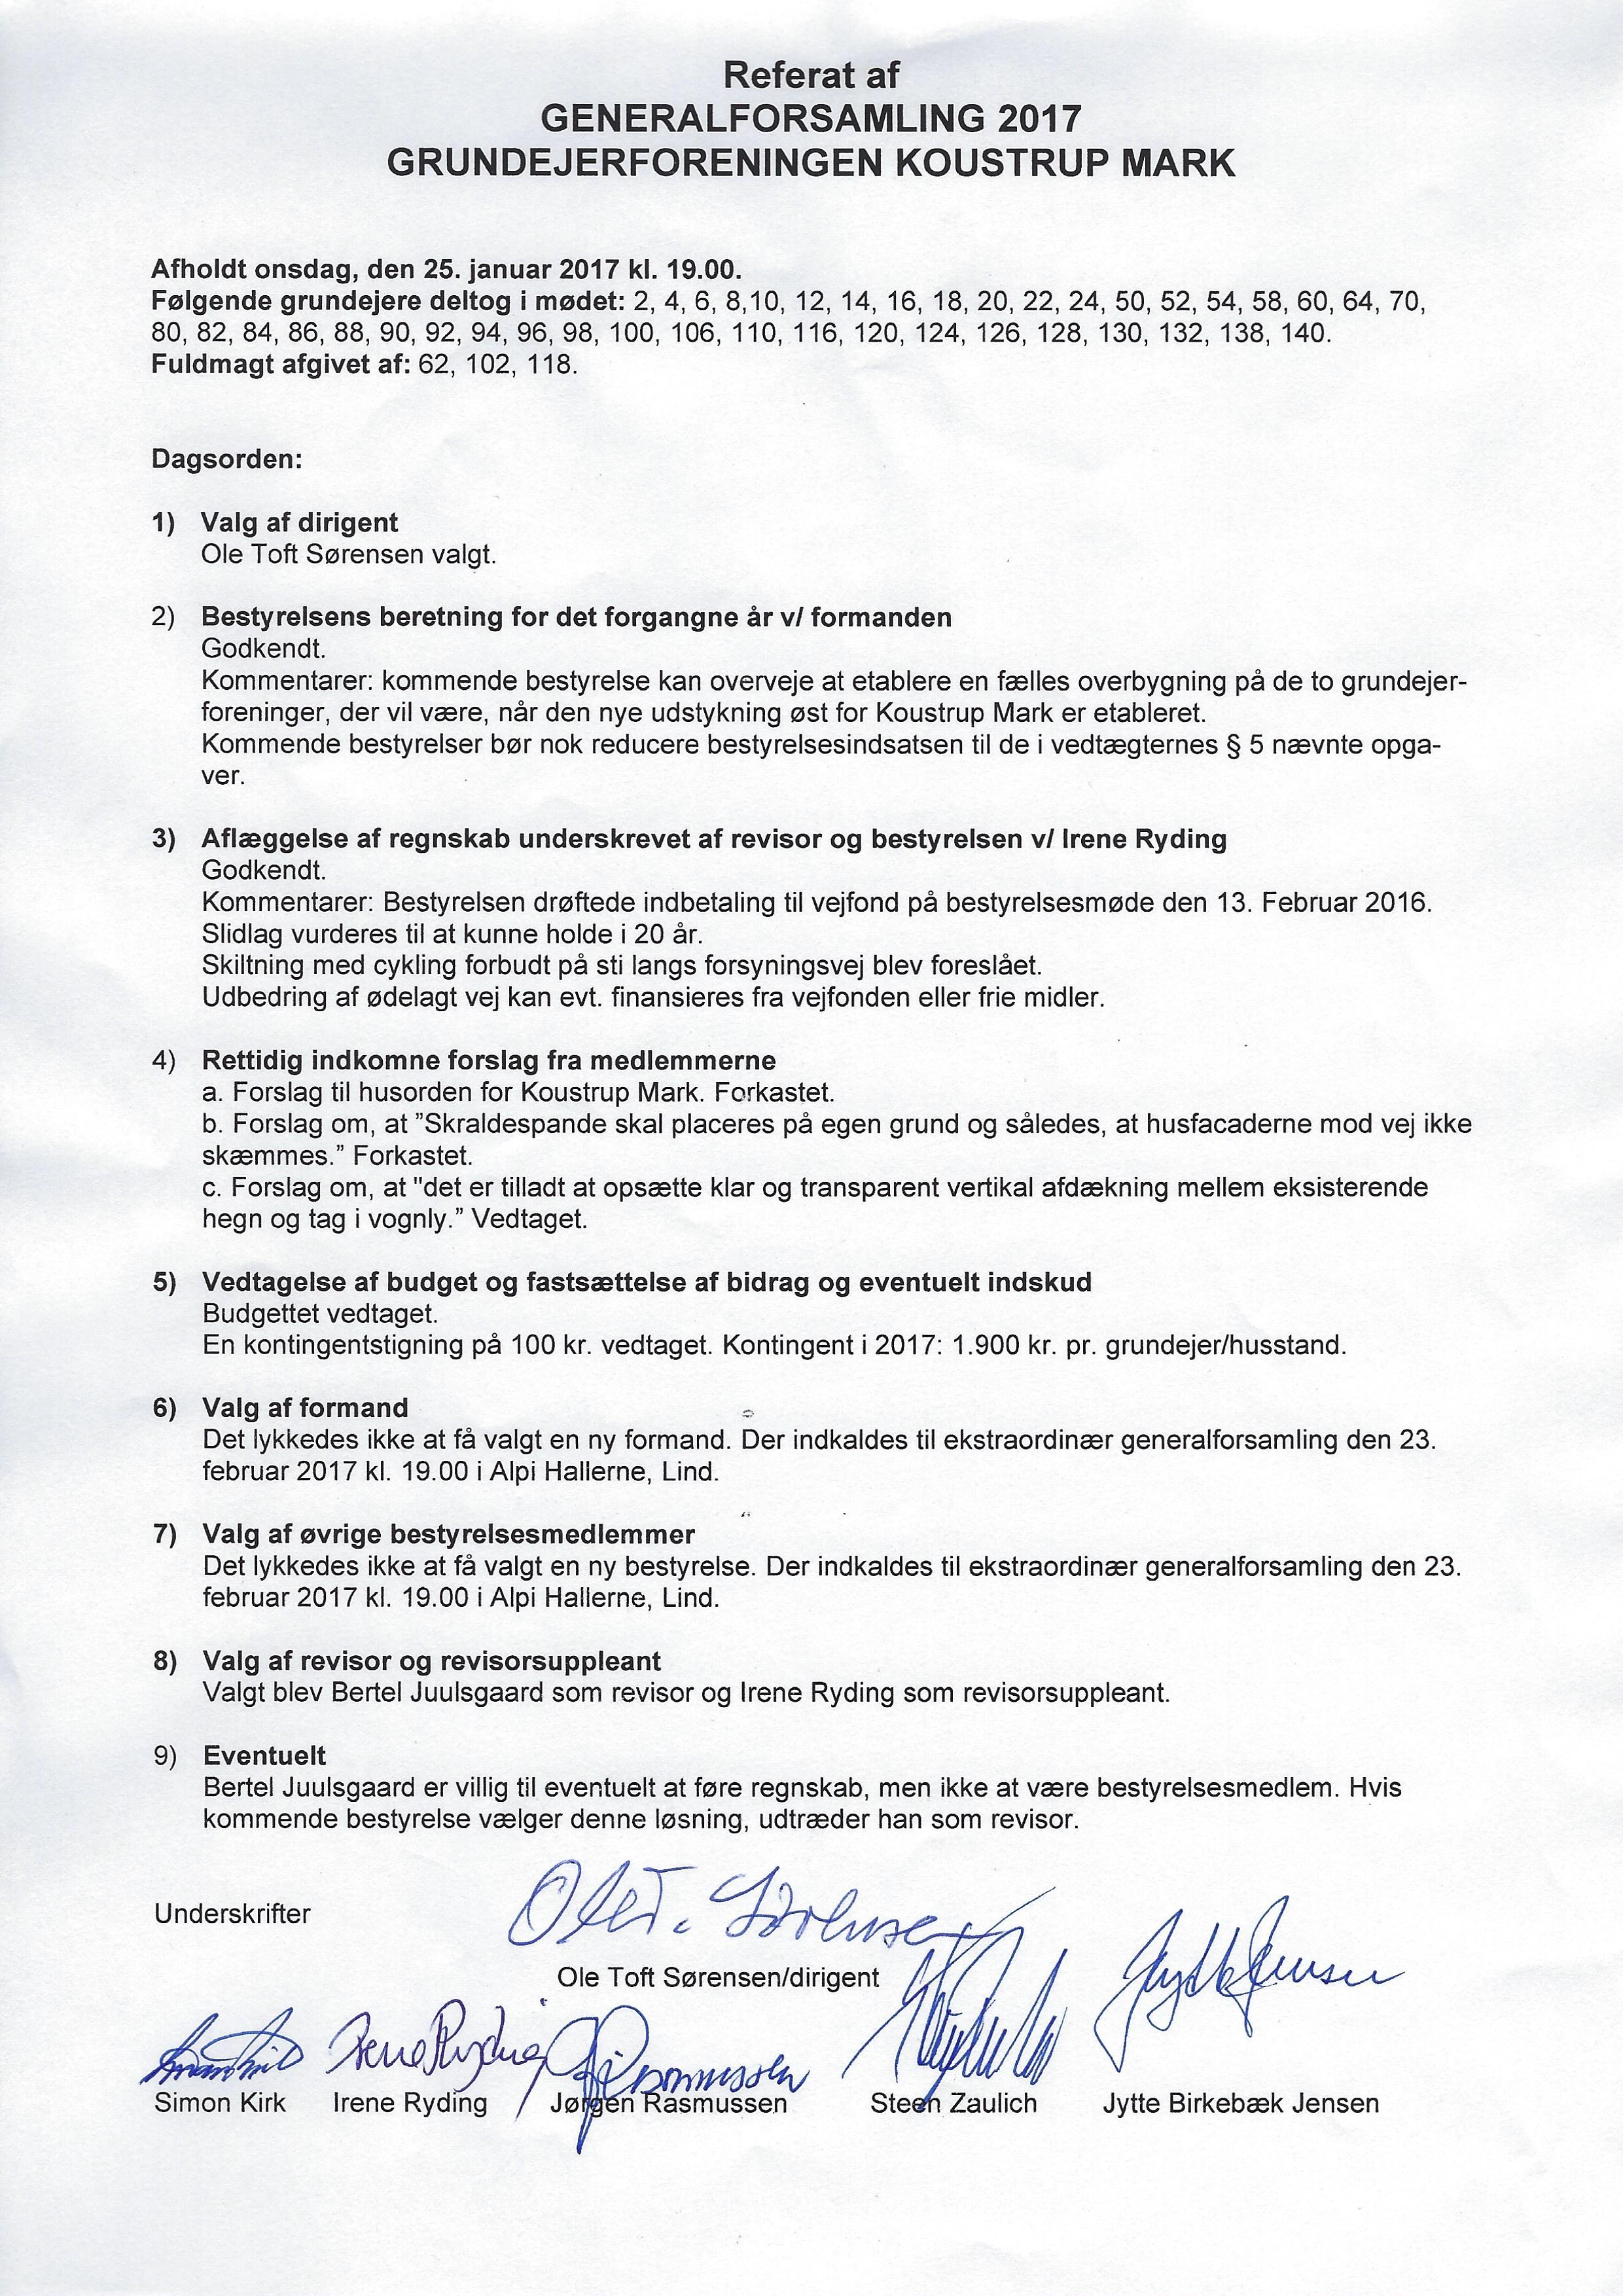 Referater fra generalforsamlinger | Koustrup Mark, 7400 Herning